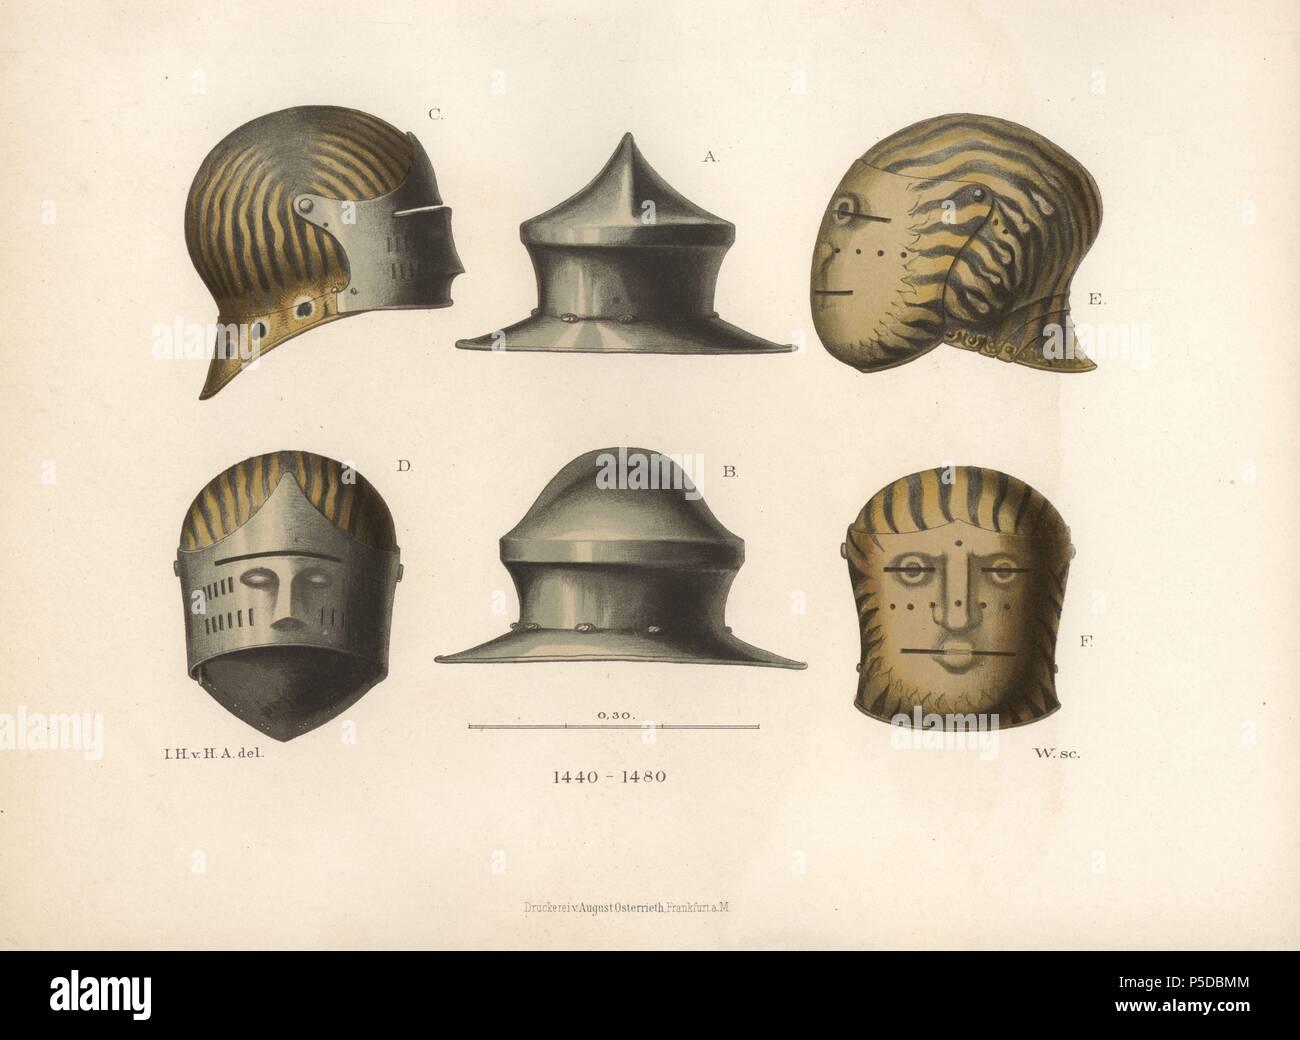 Sallet Helmet Stock Photos & Sallet Helmet Stock Images - Alamy